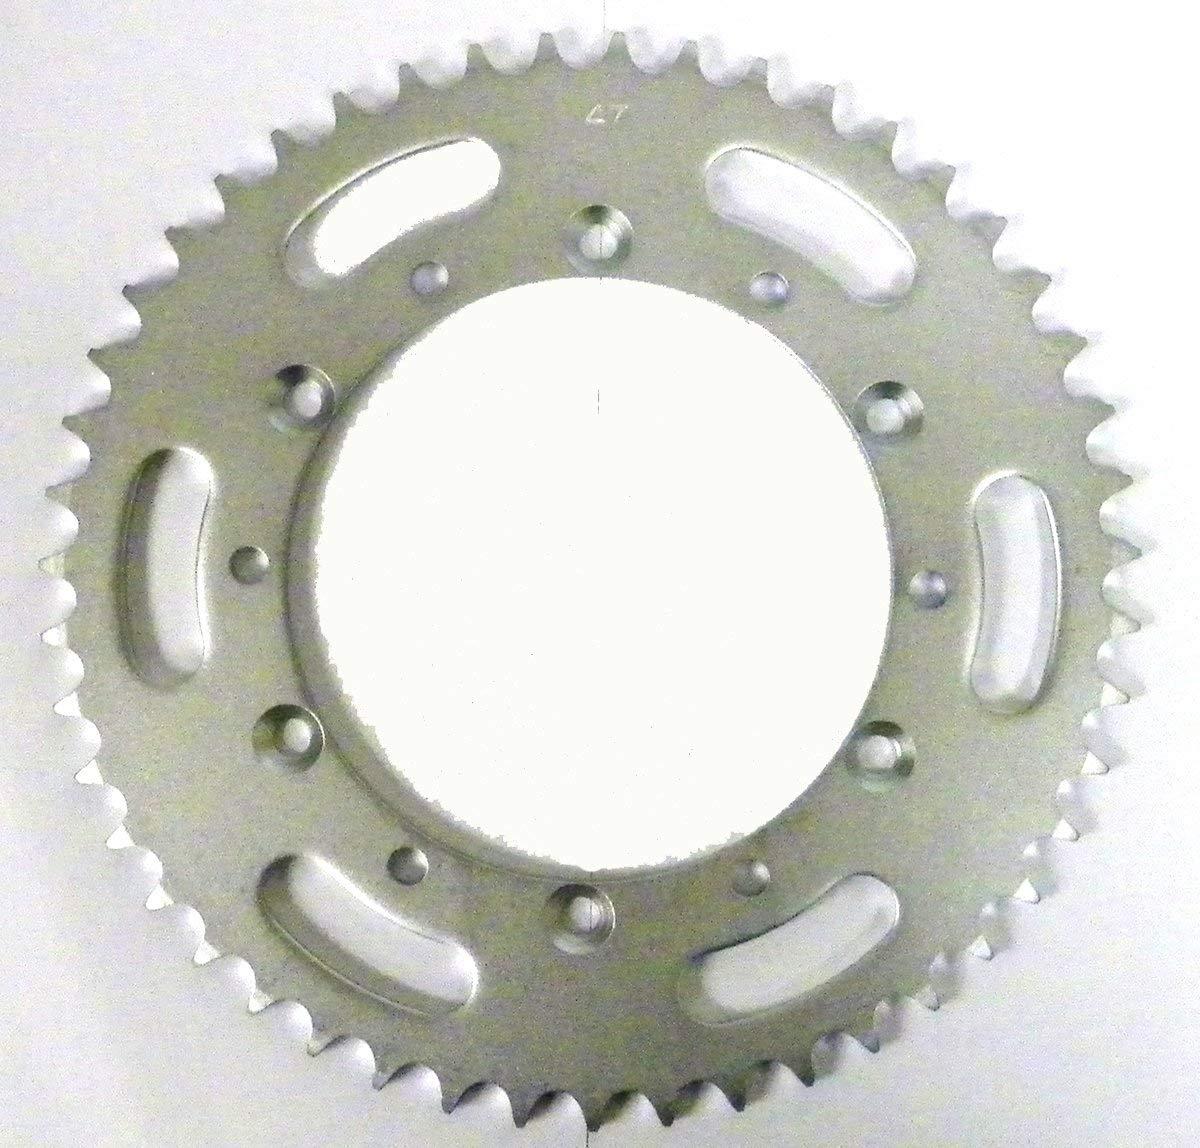 Kawasaki Steel Rear Sprocket Moto-X KX 125 1985-2005/ KDX 200 1985-2006/ KDX 220 1997-2005/ KDX 250 1991-1994 47 Teeth RSK-014-47